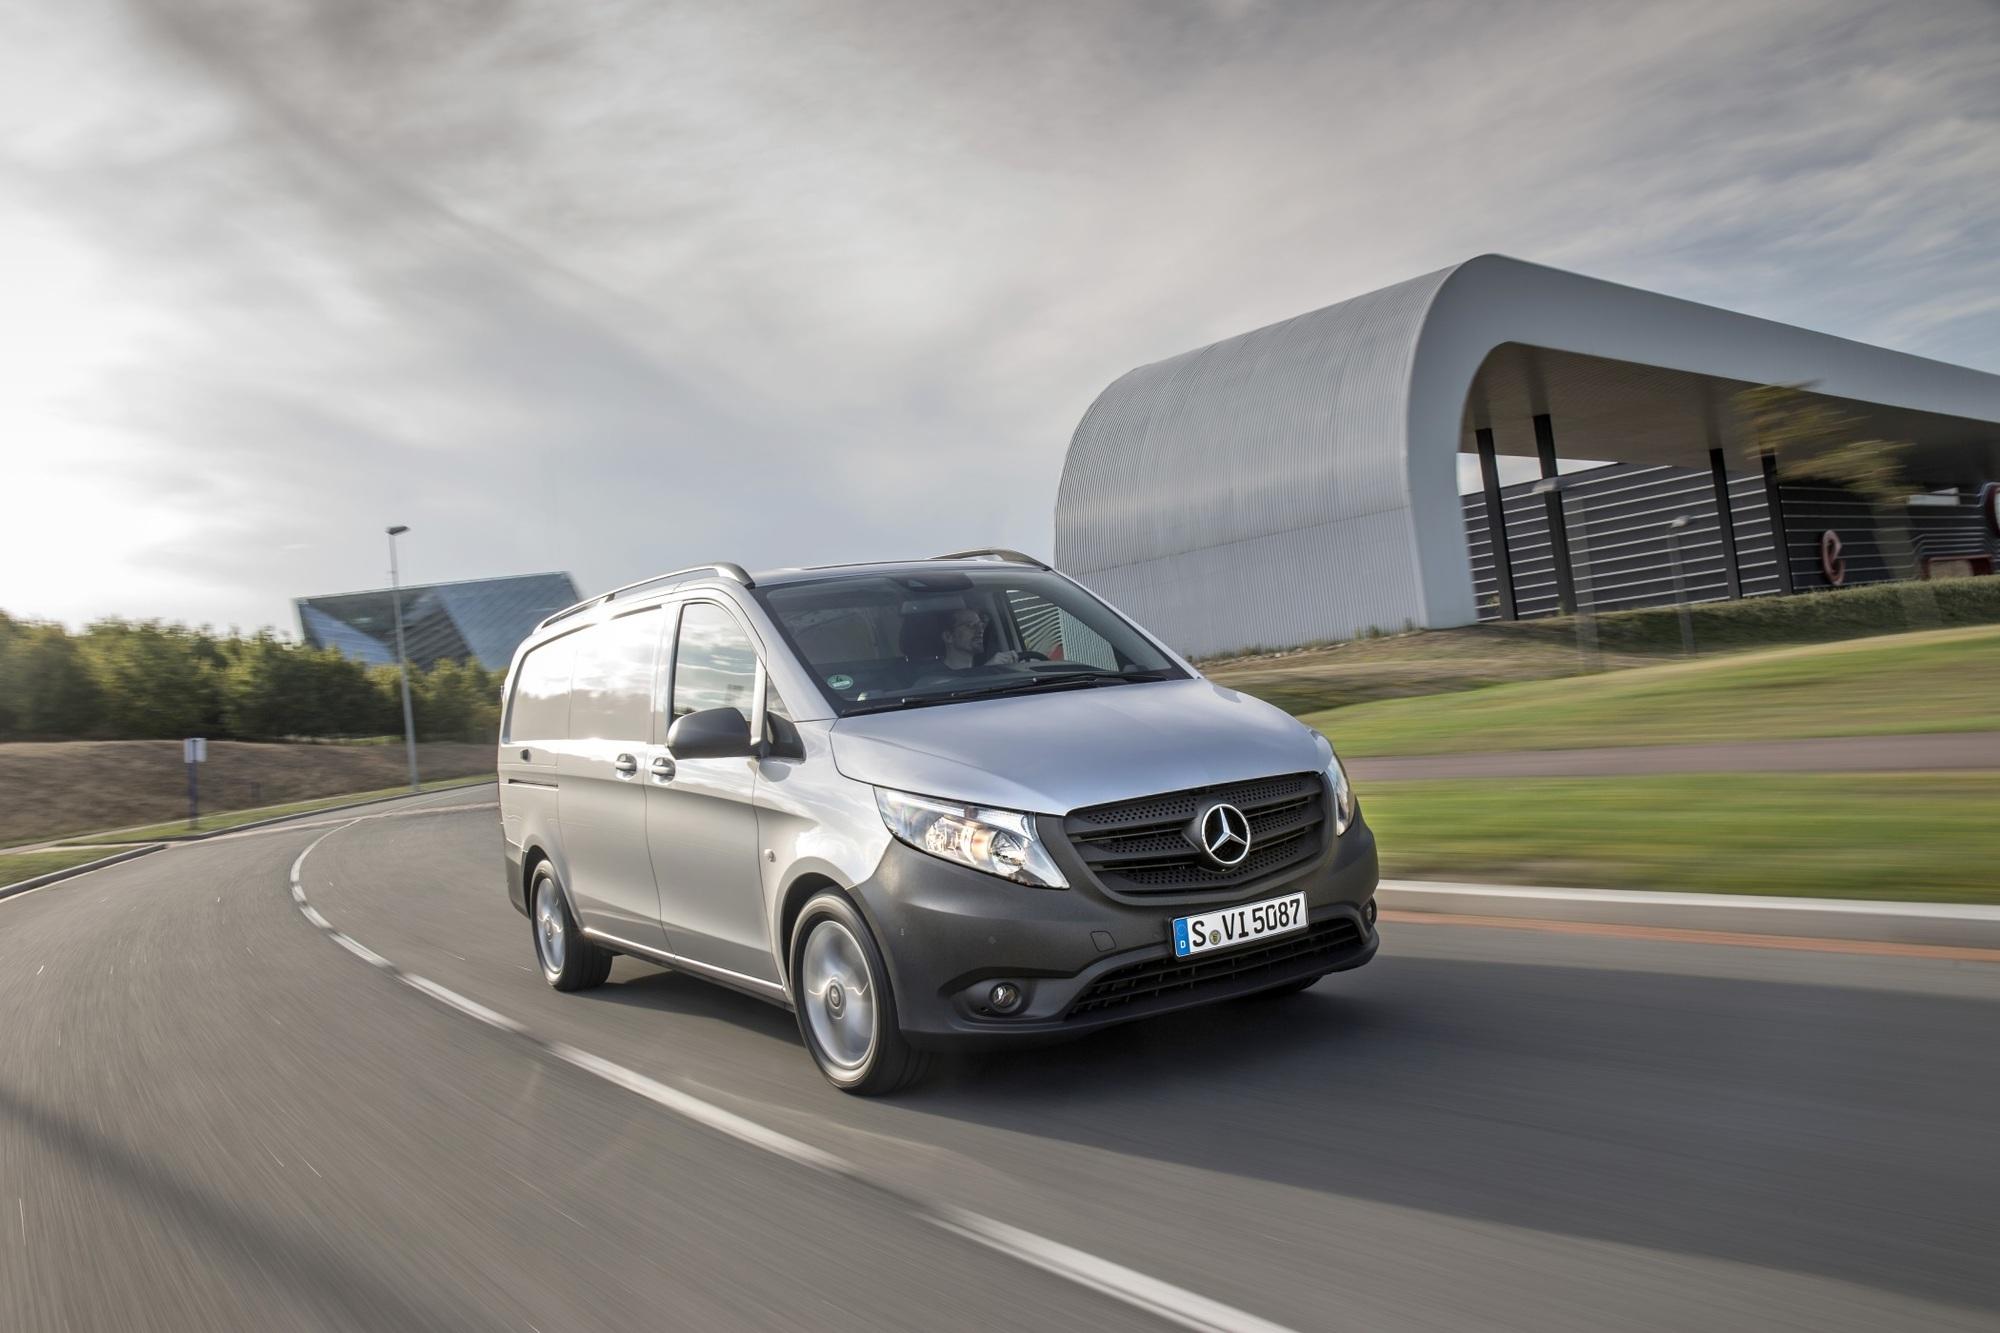 Fahrbericht: Mercedes Vito - Der Stern soll leuchten